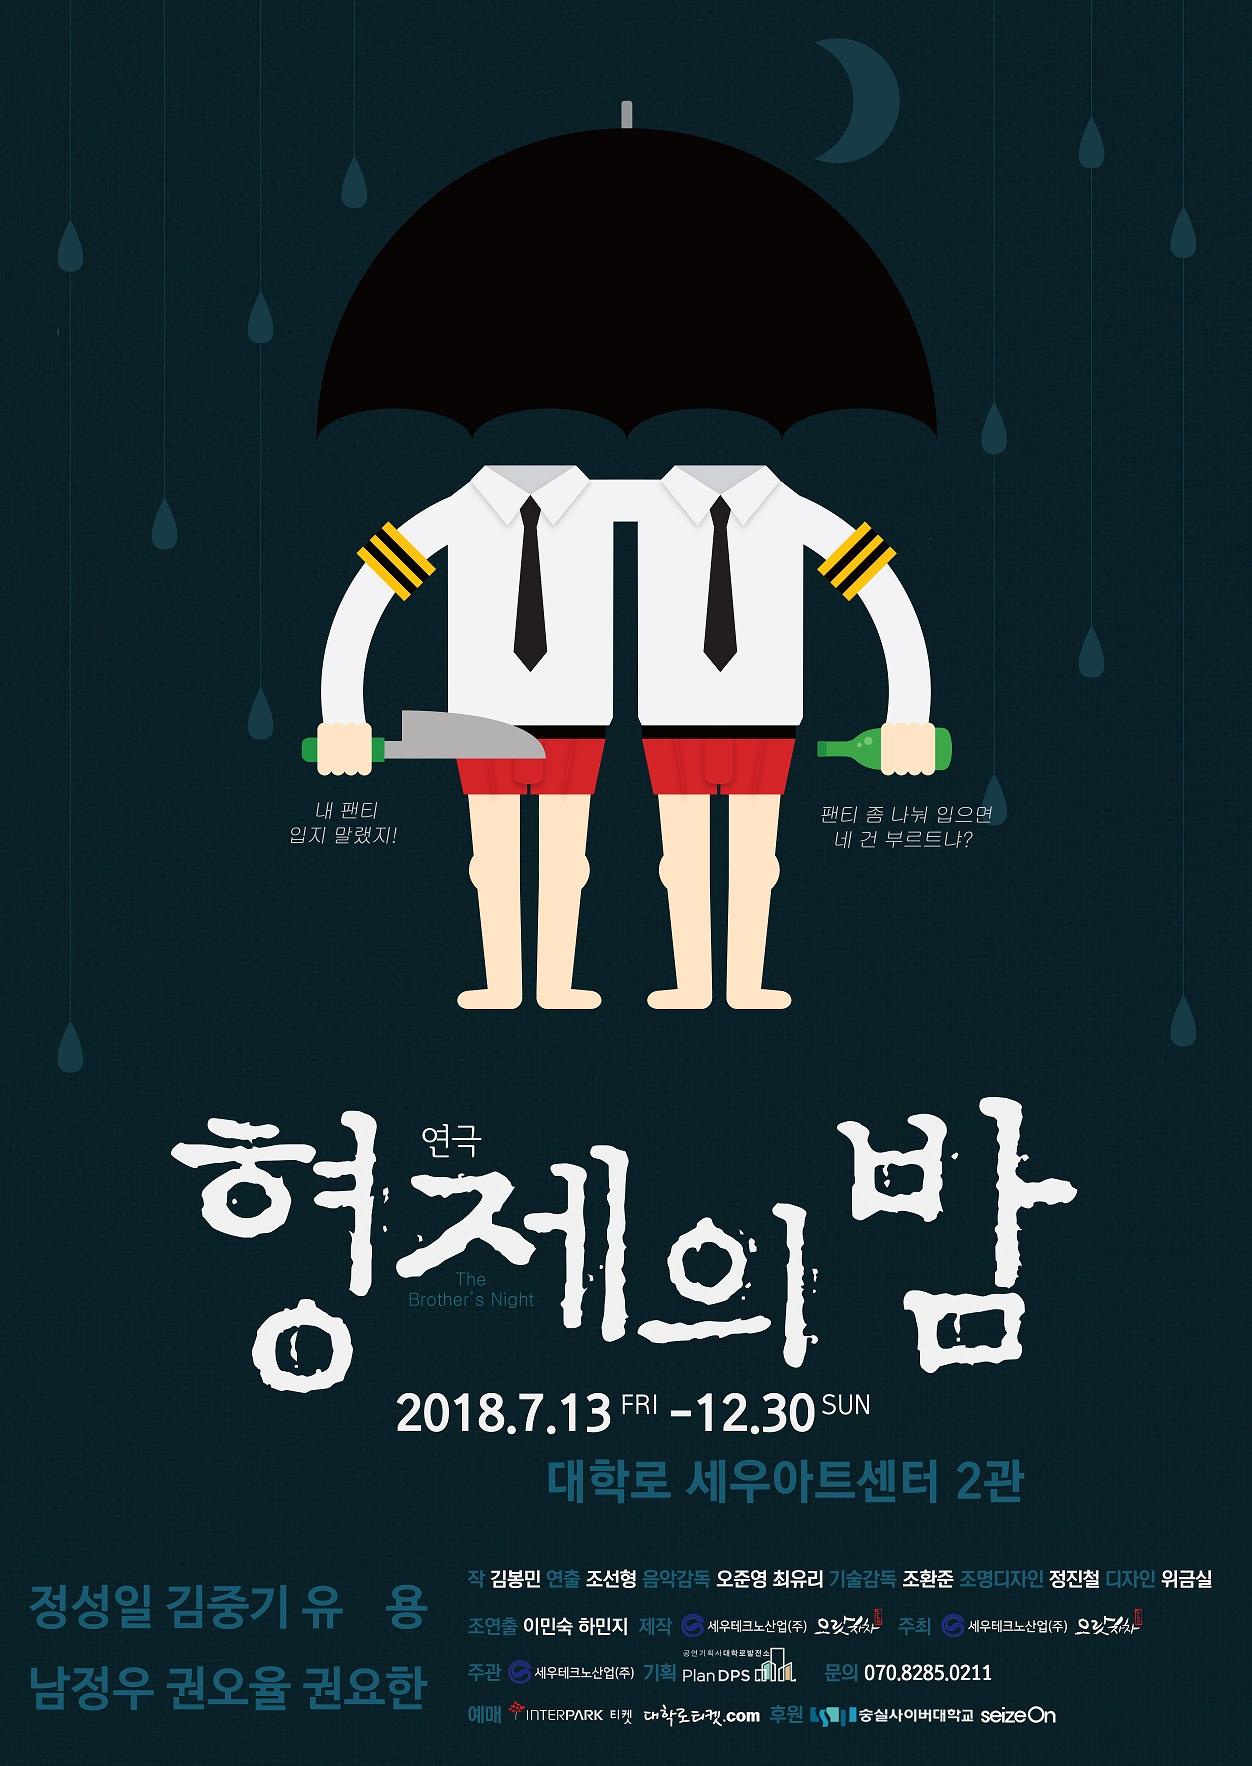 형제의밤_A2_포스터_온라인_저용량.jpg